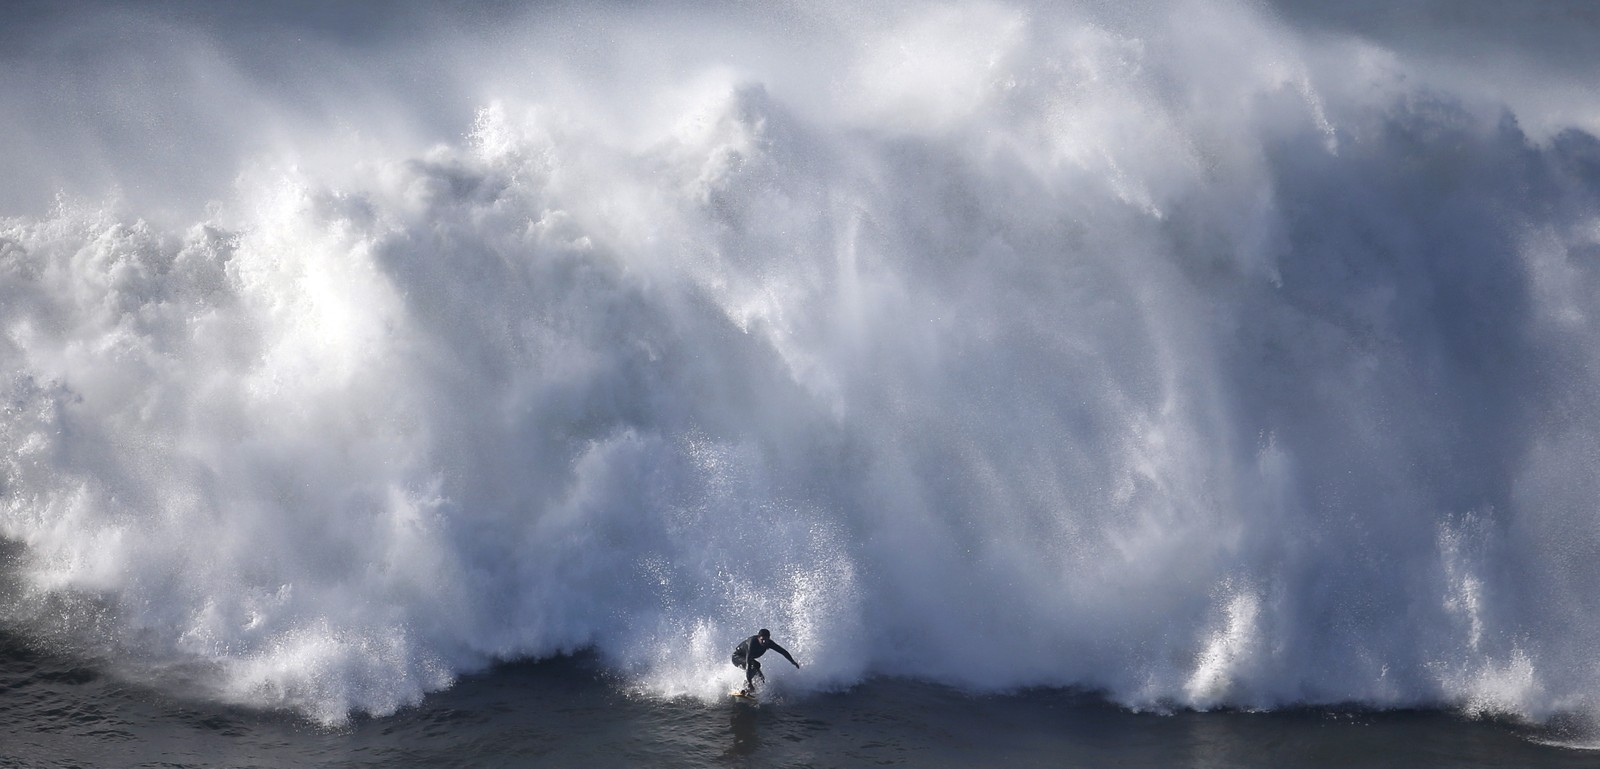 Surfer og bølge fanges av fotografen ved portugisiske Praia do Norte. Stedet har vært et populært sted for surfing etter at amerikaneren Garrett McNamara's satte verdensrekord der i 2011.